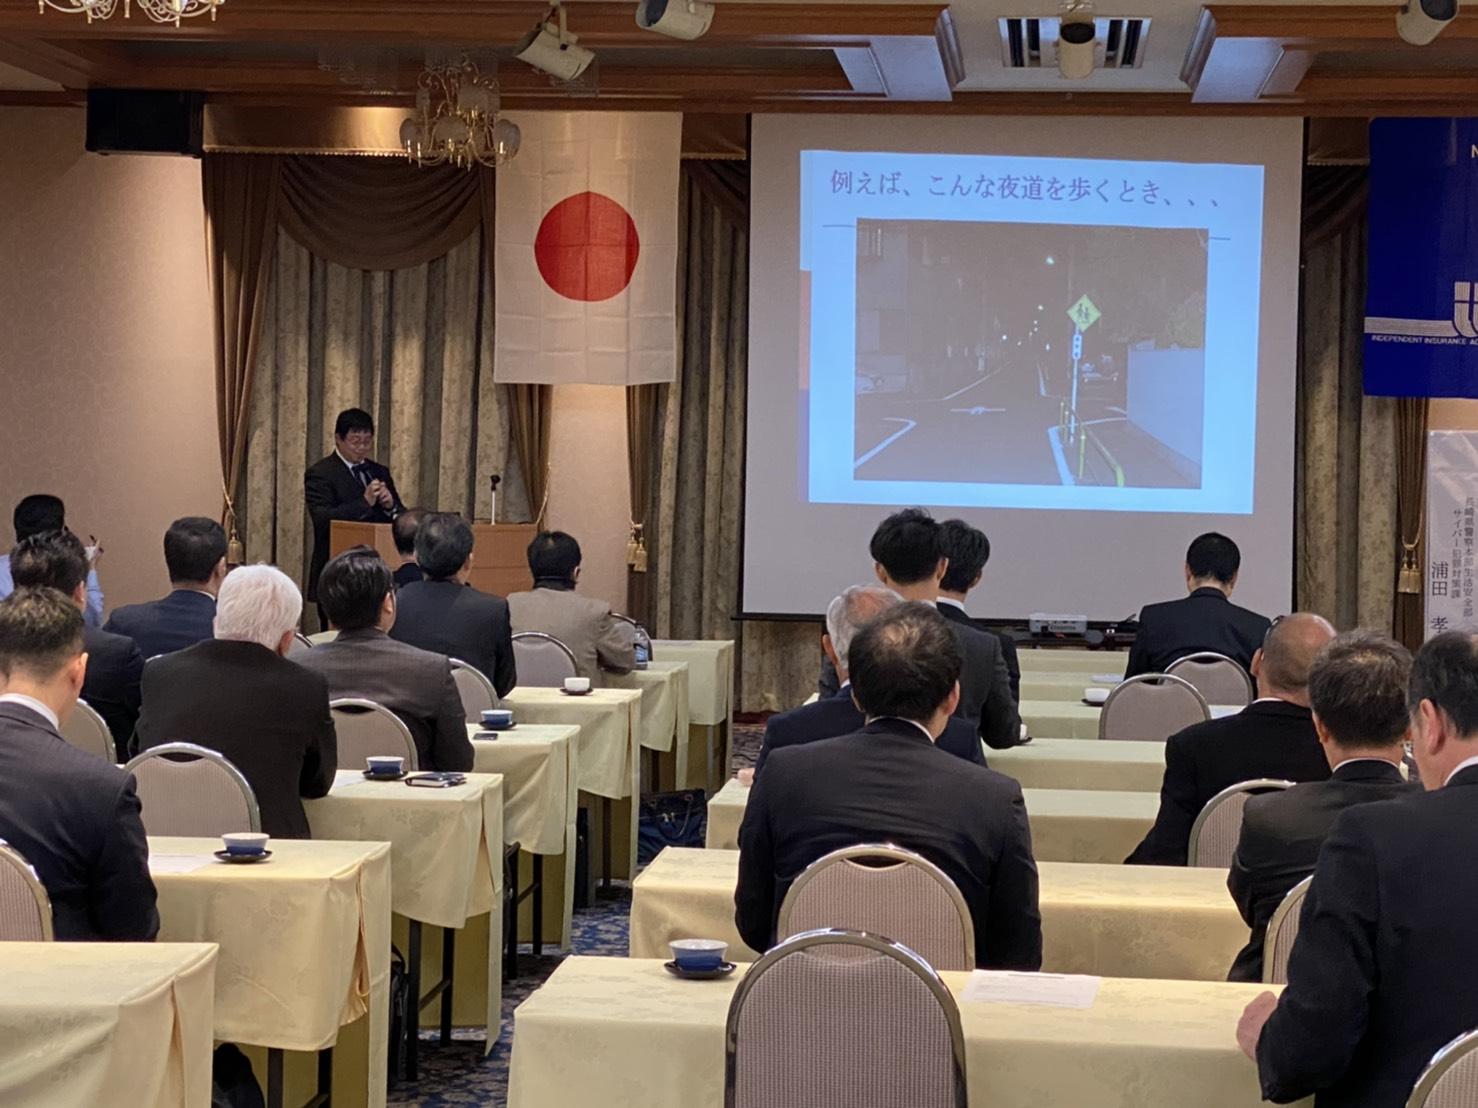 【活動報告】新春セミナー・新年会 開催のご報告